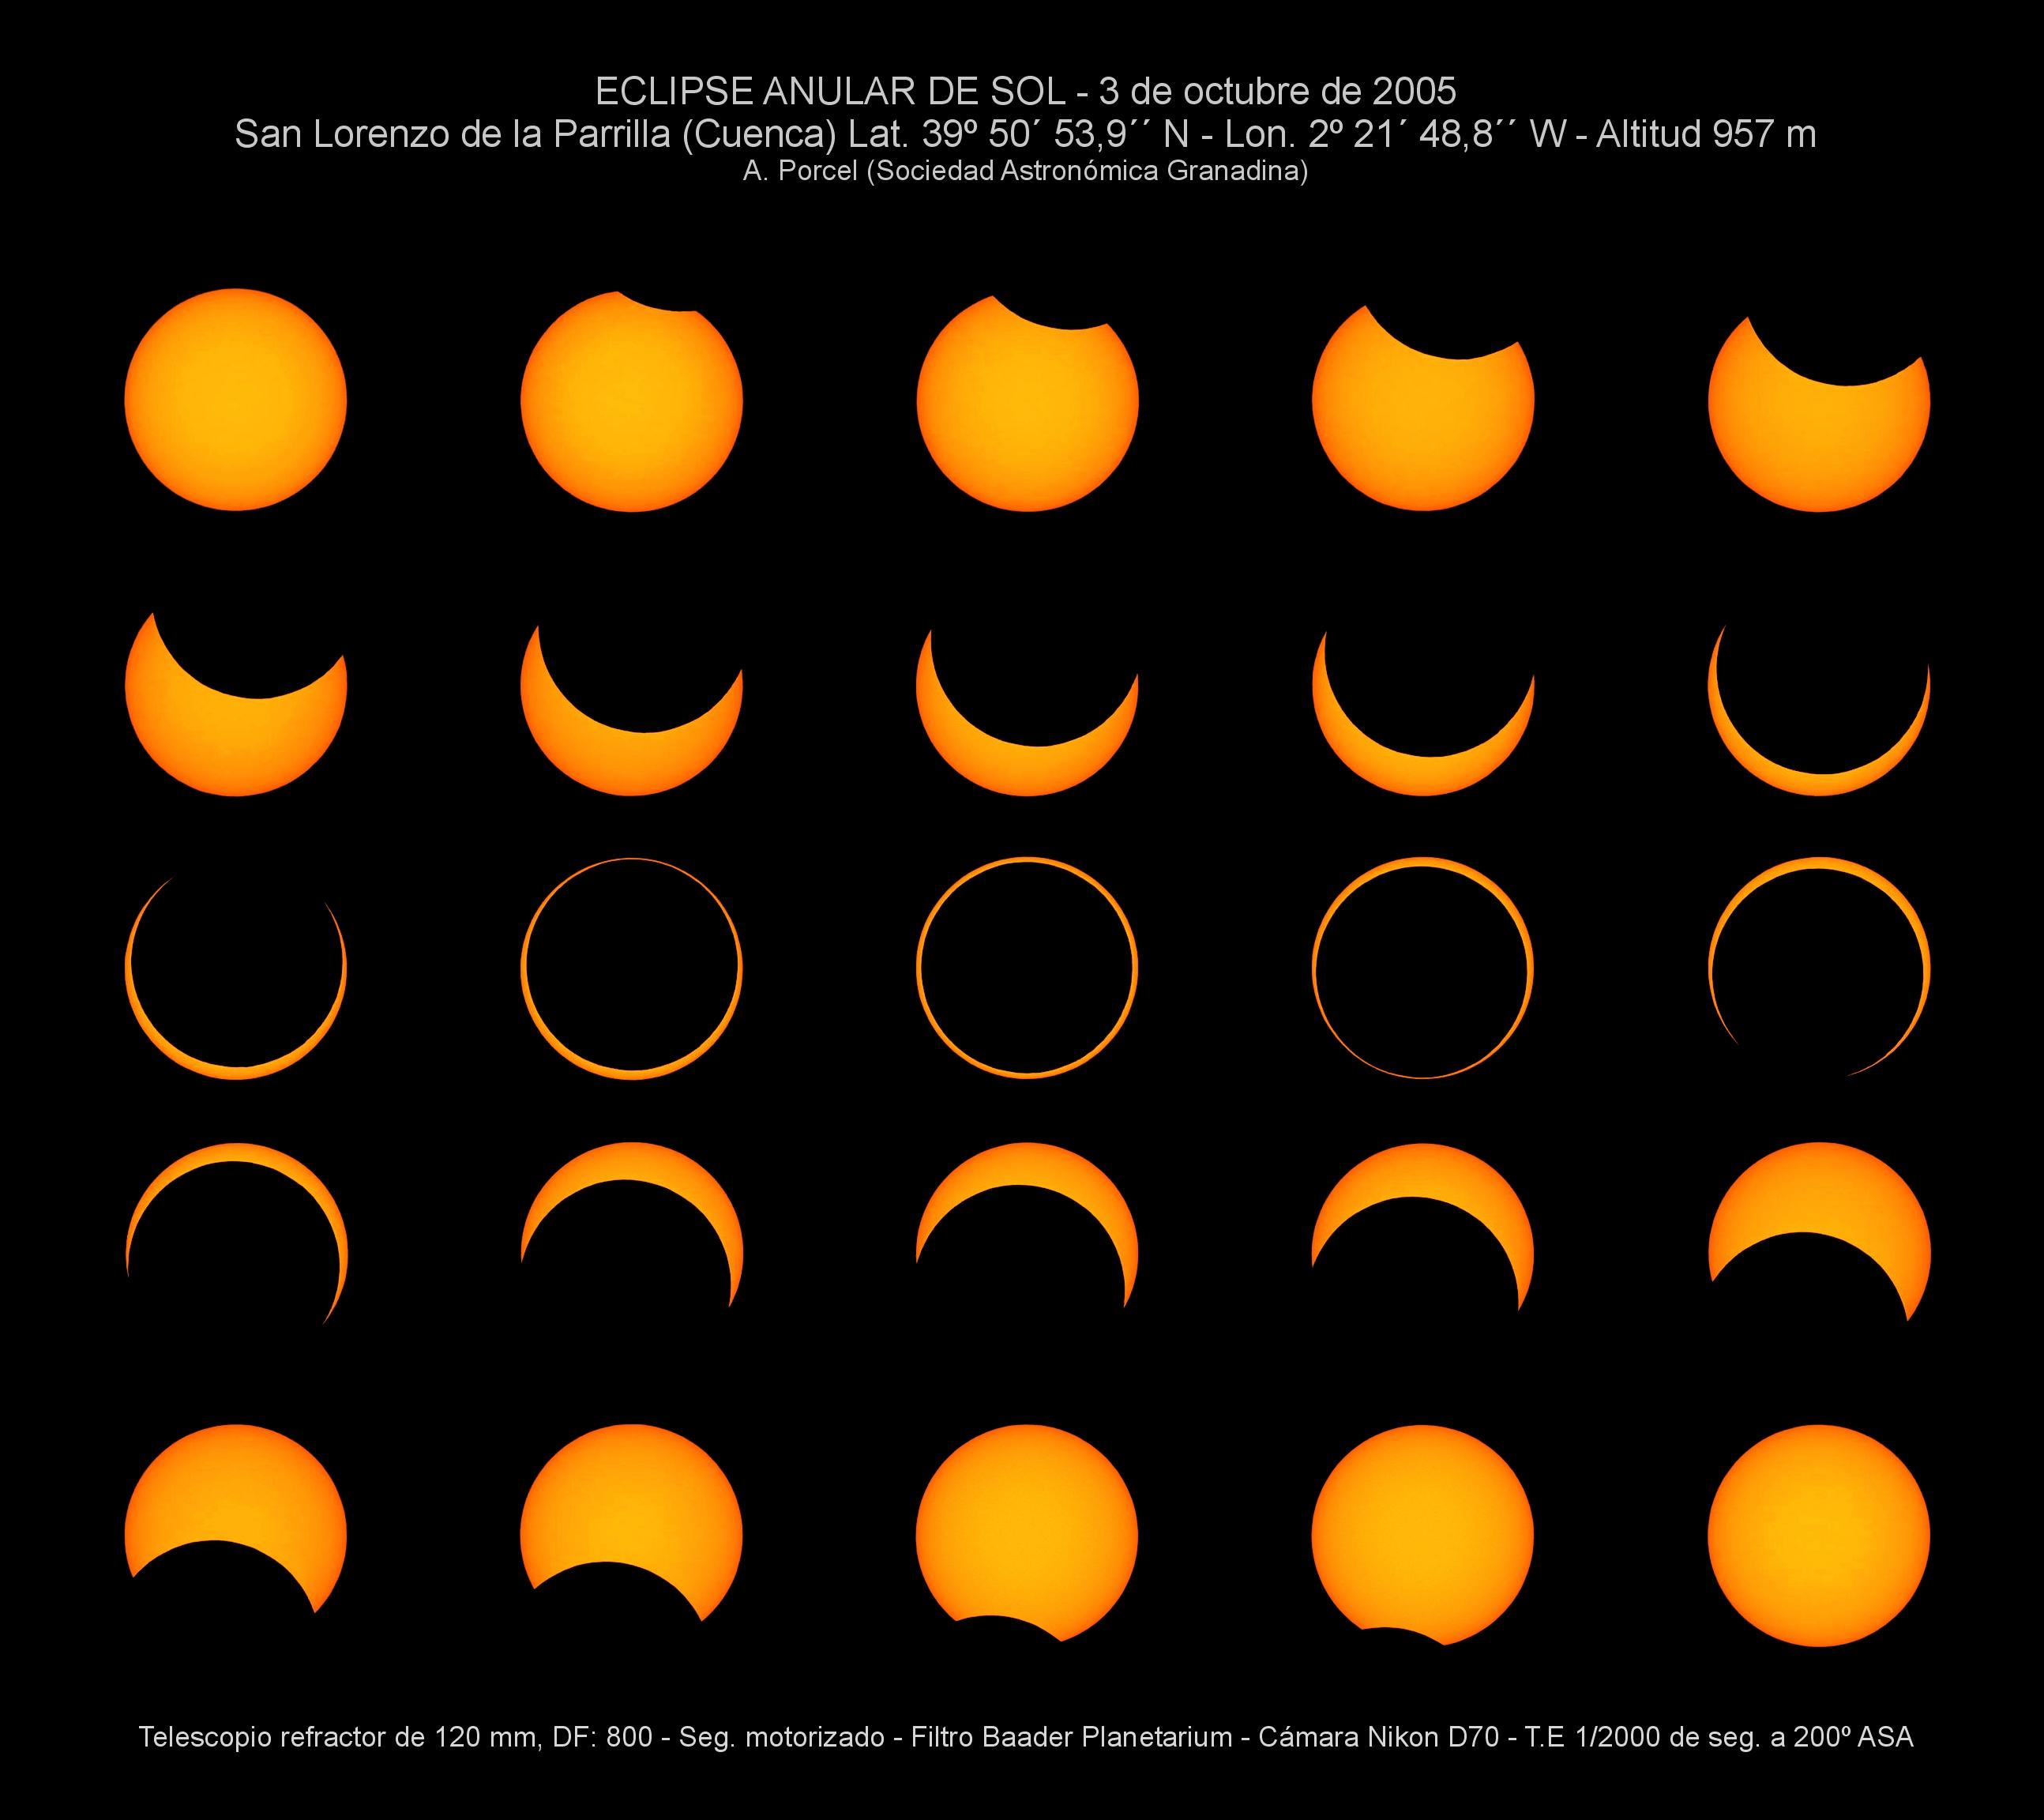 Eclipse anular de Sol del 03/10/2005